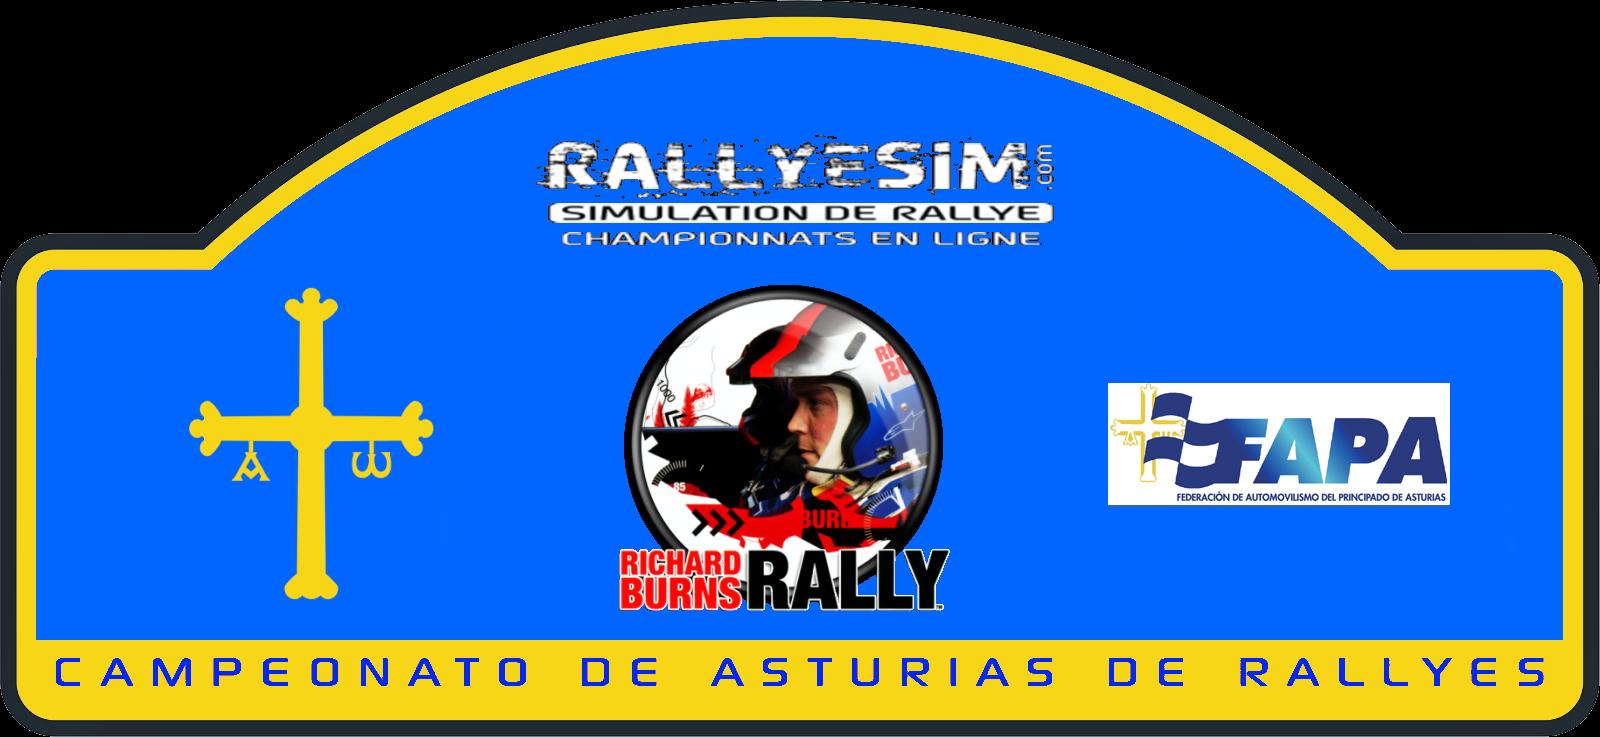 Campeonato de Asturias de Rallye online, campeonatos online en Richard Burns Rally